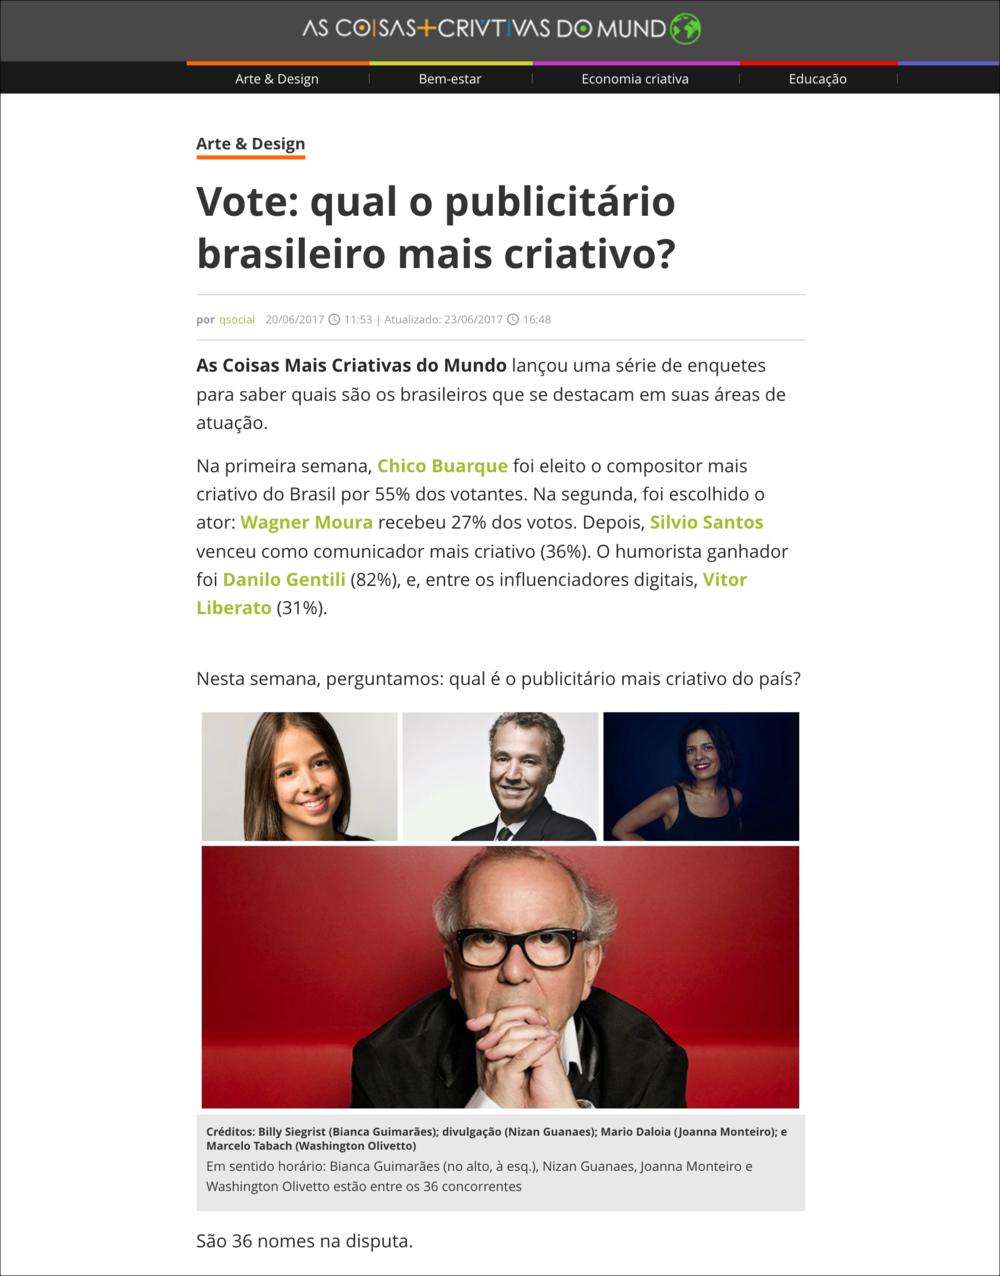 screencapture-ascoisasmaiscriativasdomundo-catracalivre-br-arte-vote-qual-o-publicitario-brasileiro-mais-criativo-1498527907614.png